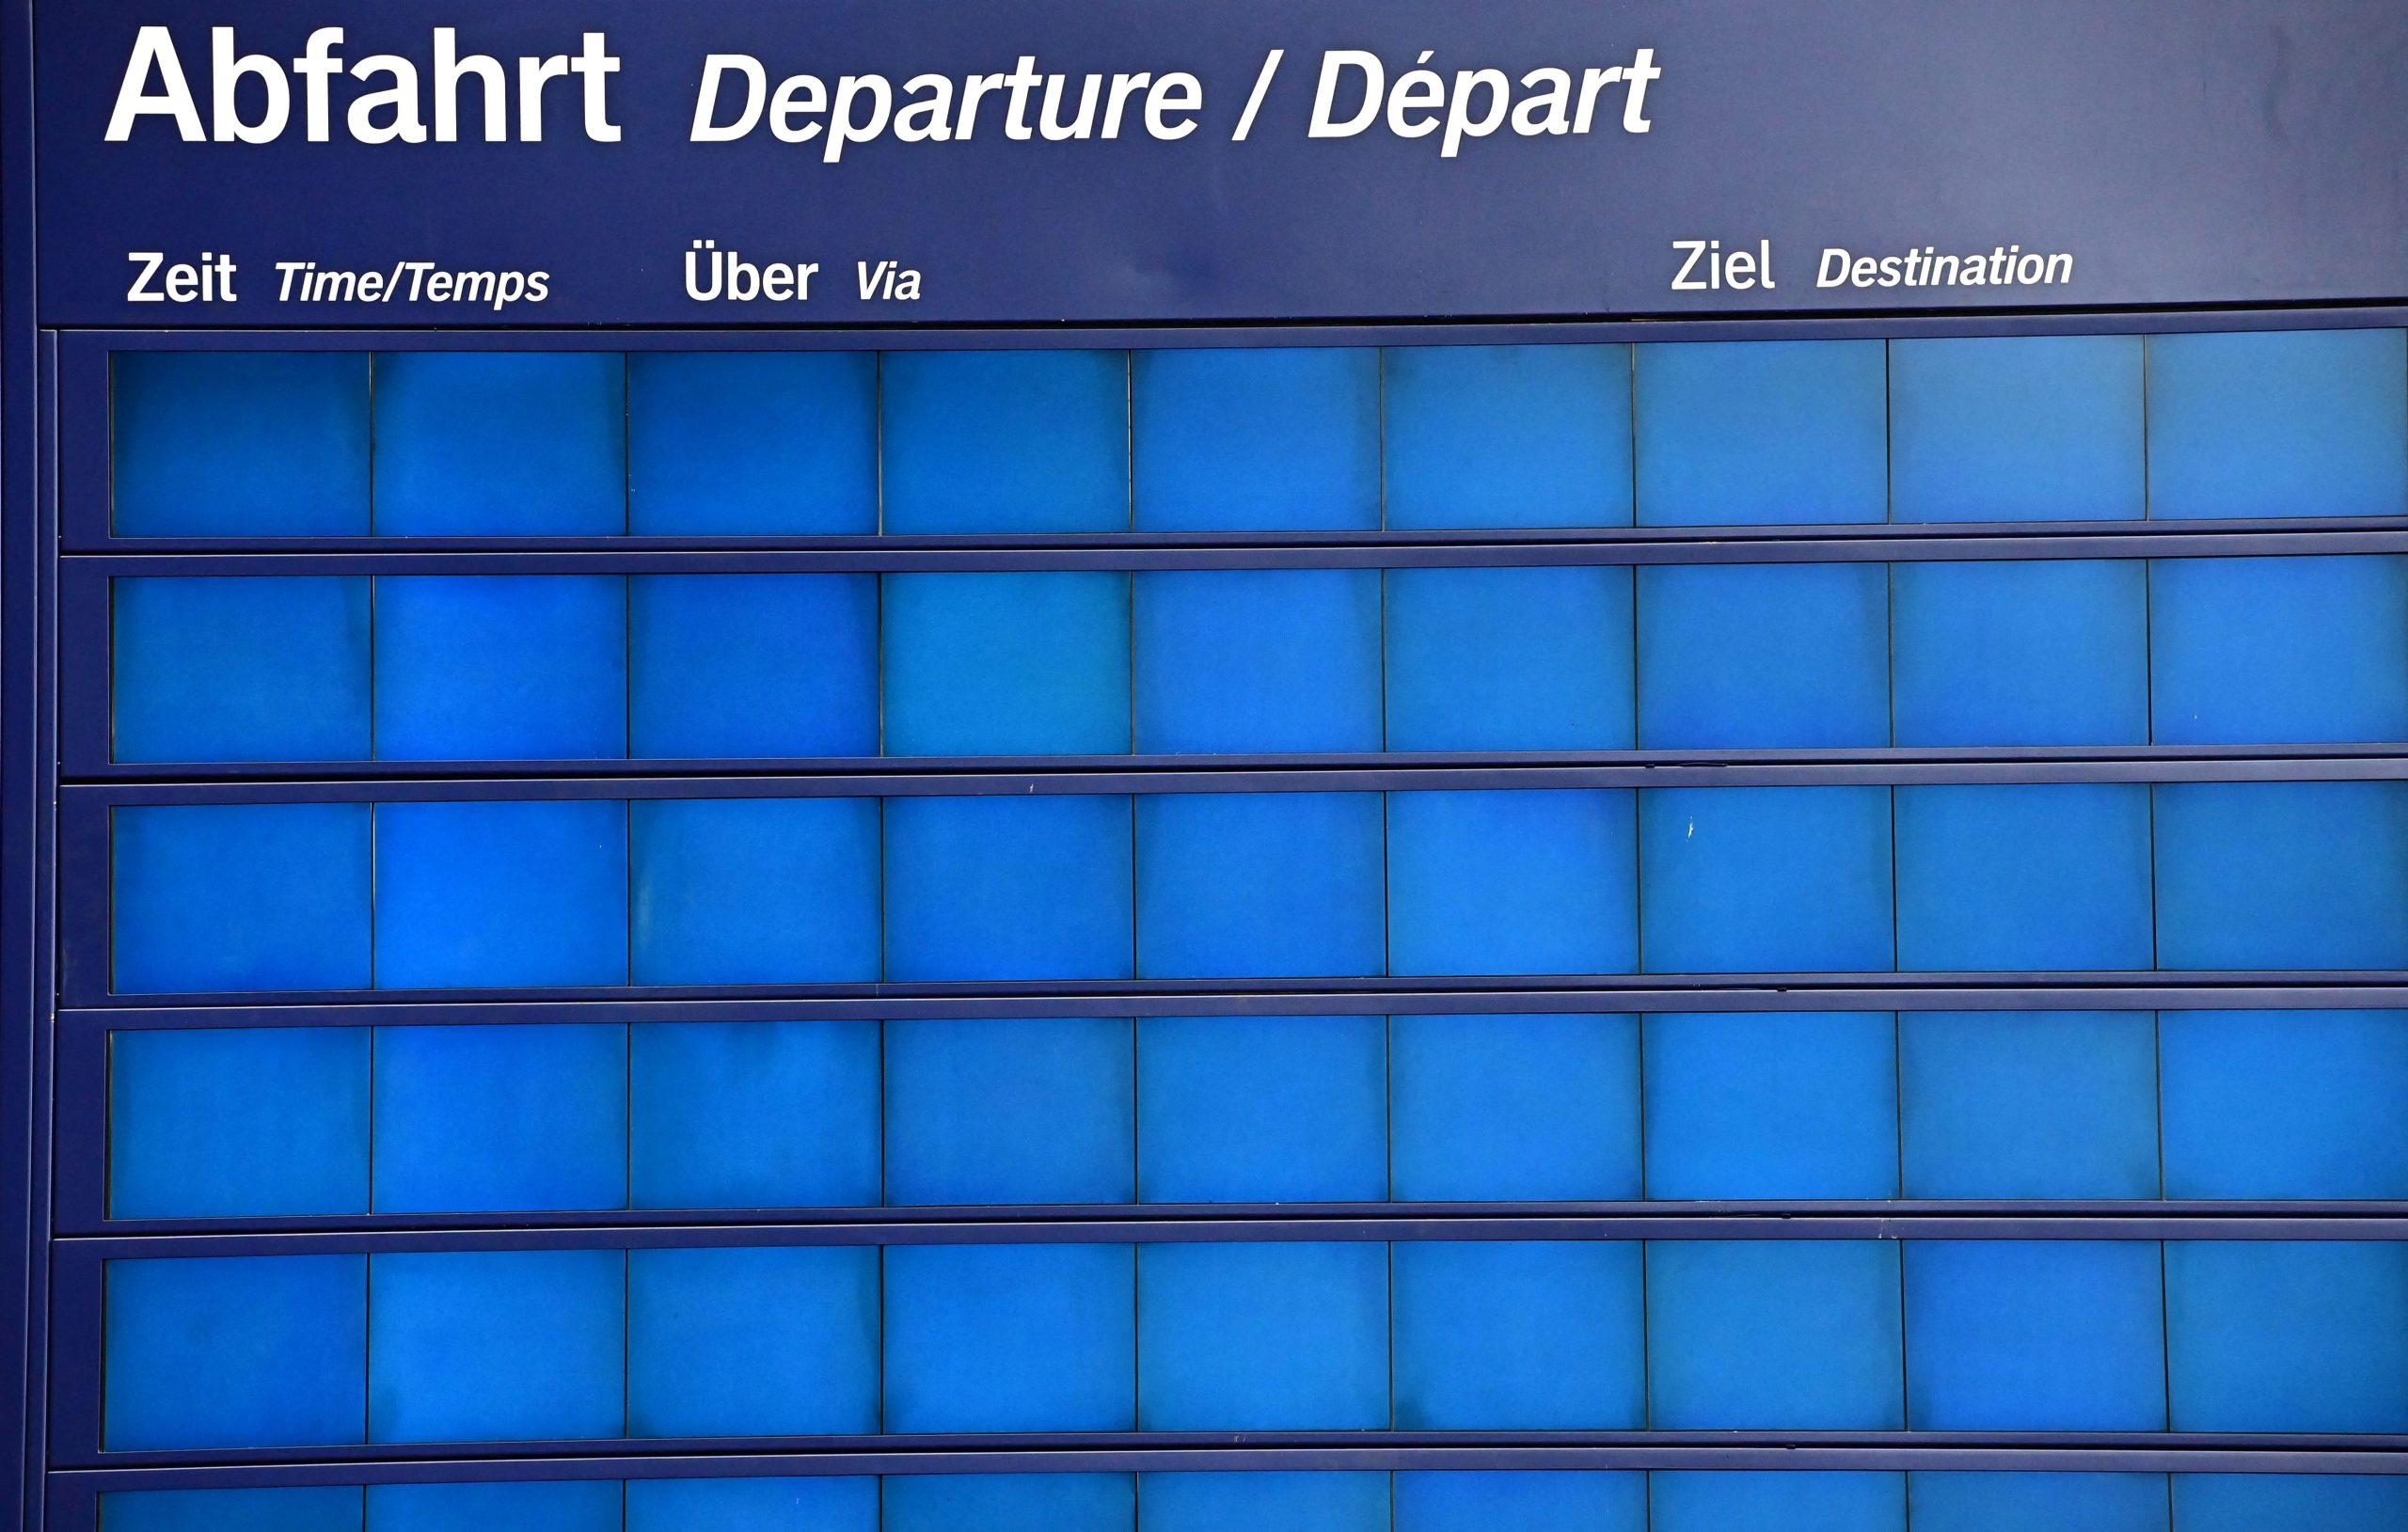 GDL lehnt neues Bahn-Angebot ab – Streik geht weiter